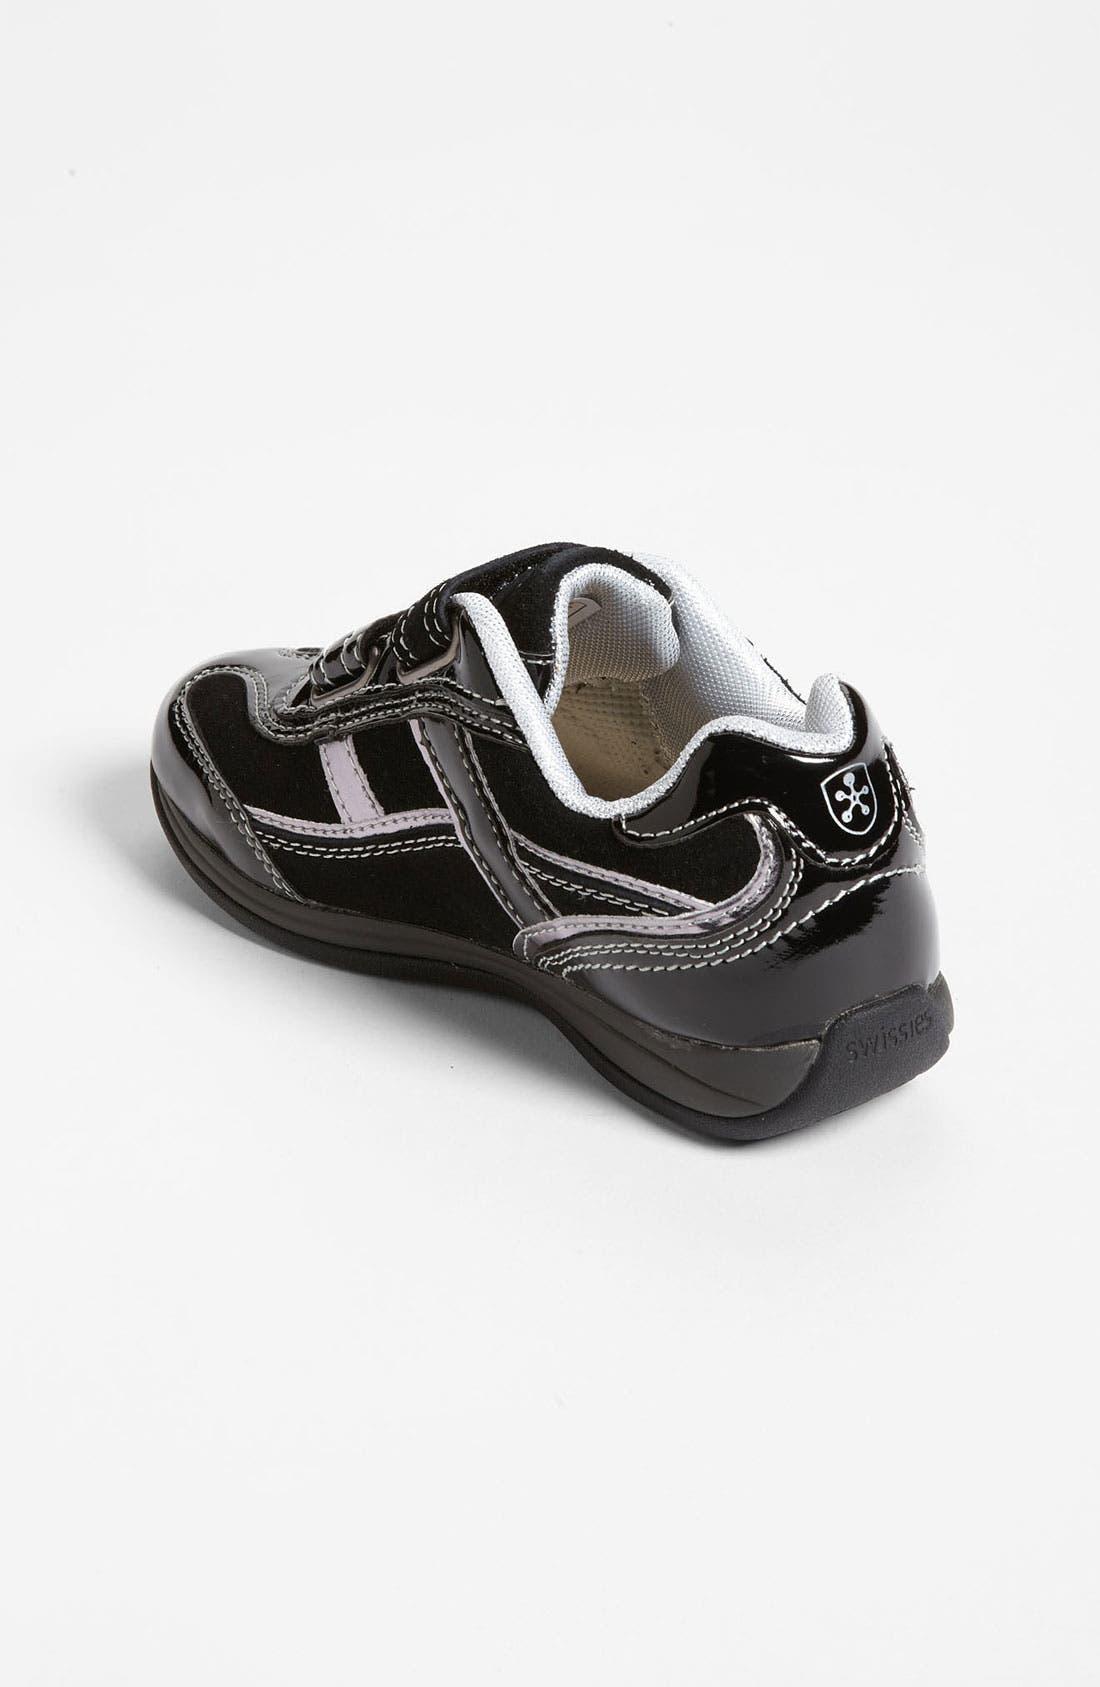 Alternate Image 2  - Swissies 'Cathy' Sneaker (Toddler, Little Kid & Big Kid)